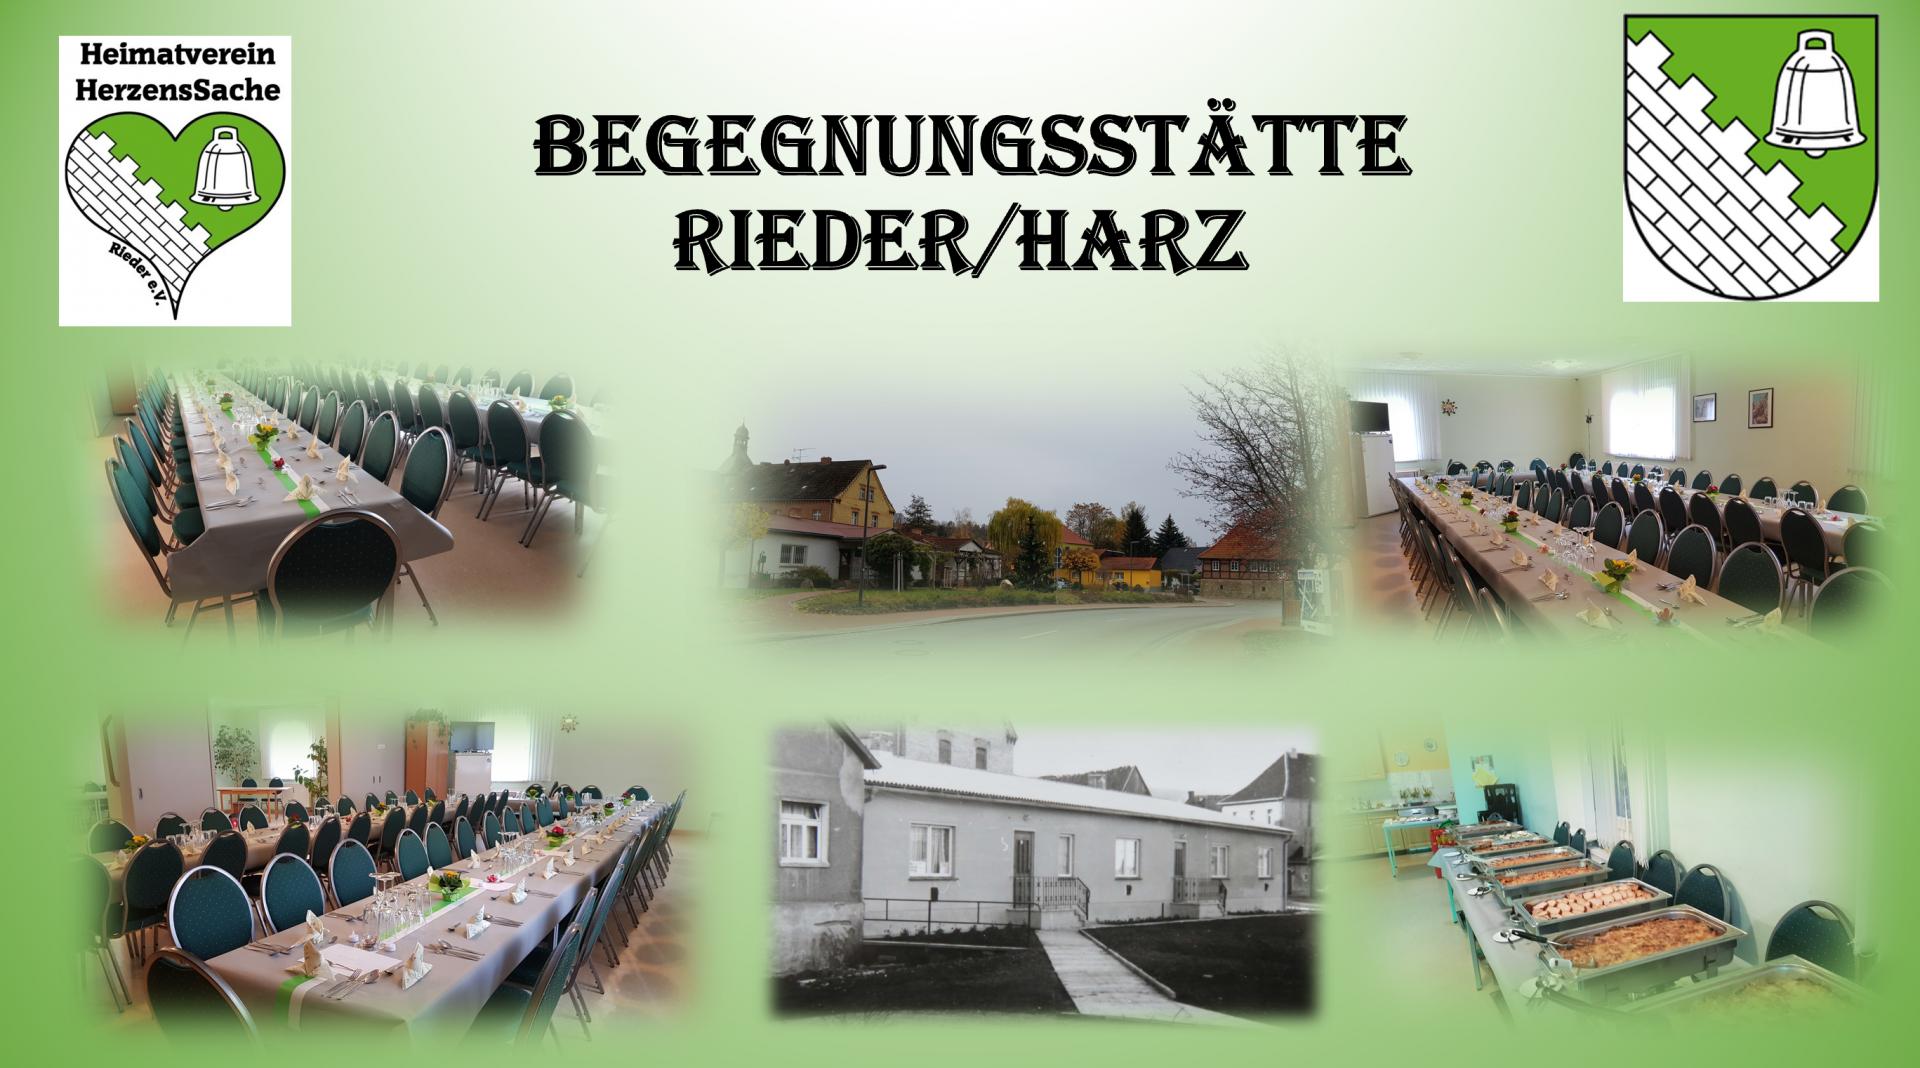 Dorfgemeinschaftshaus Rieder